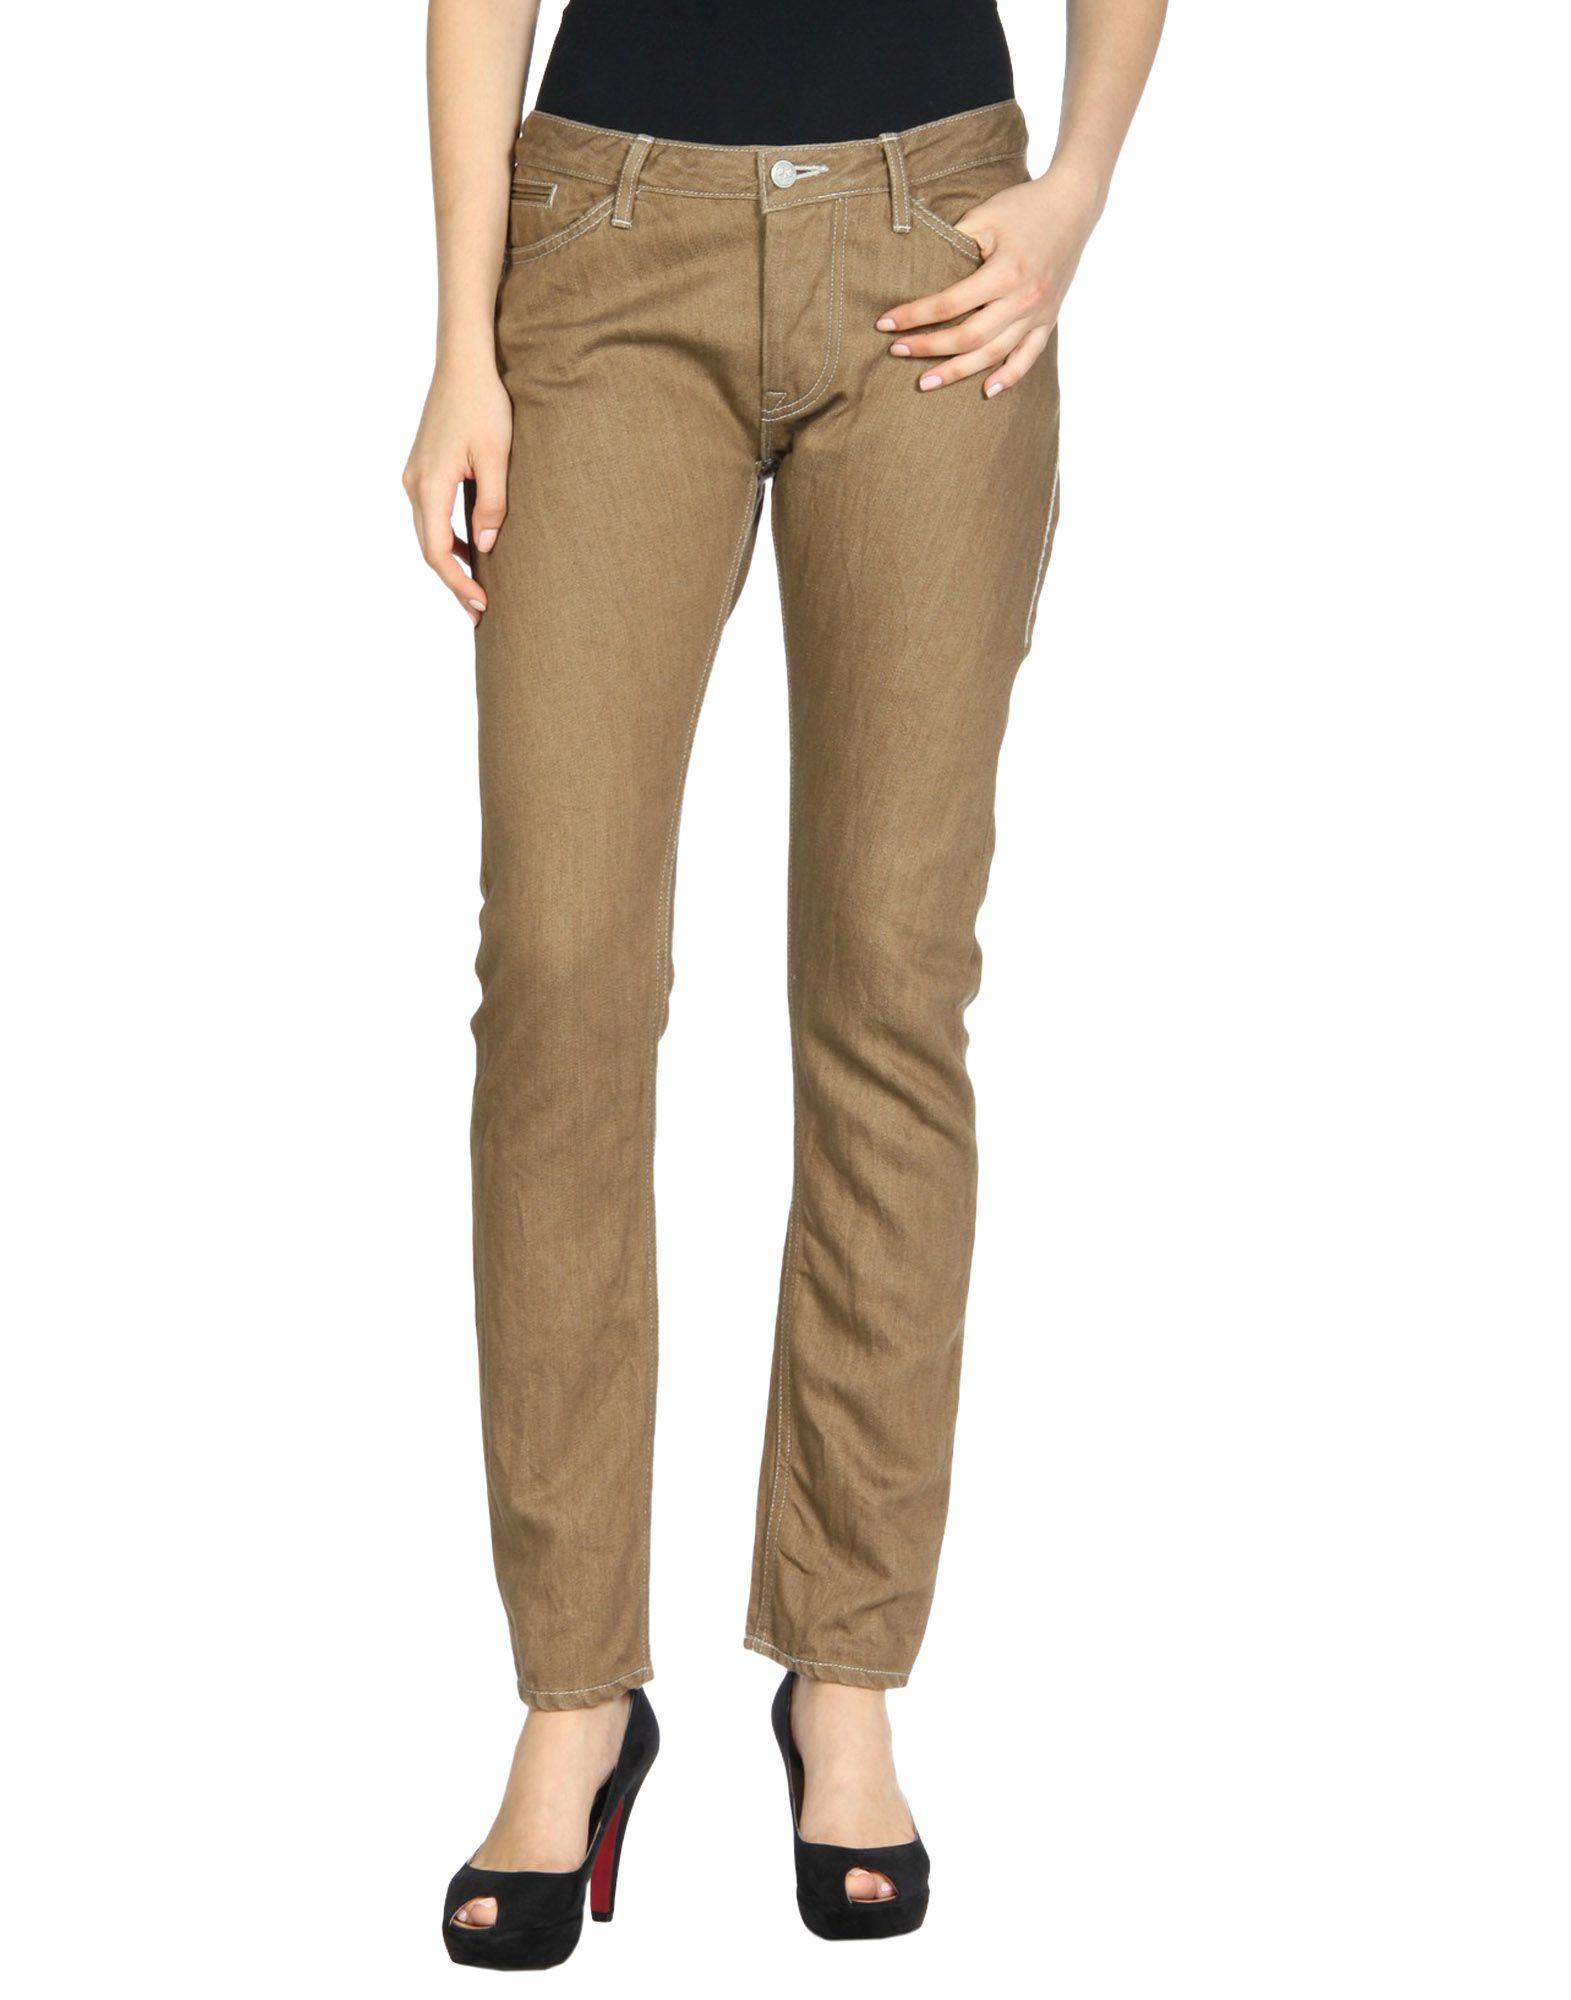 MINÄ PERHONEN Denim Pants in Brown